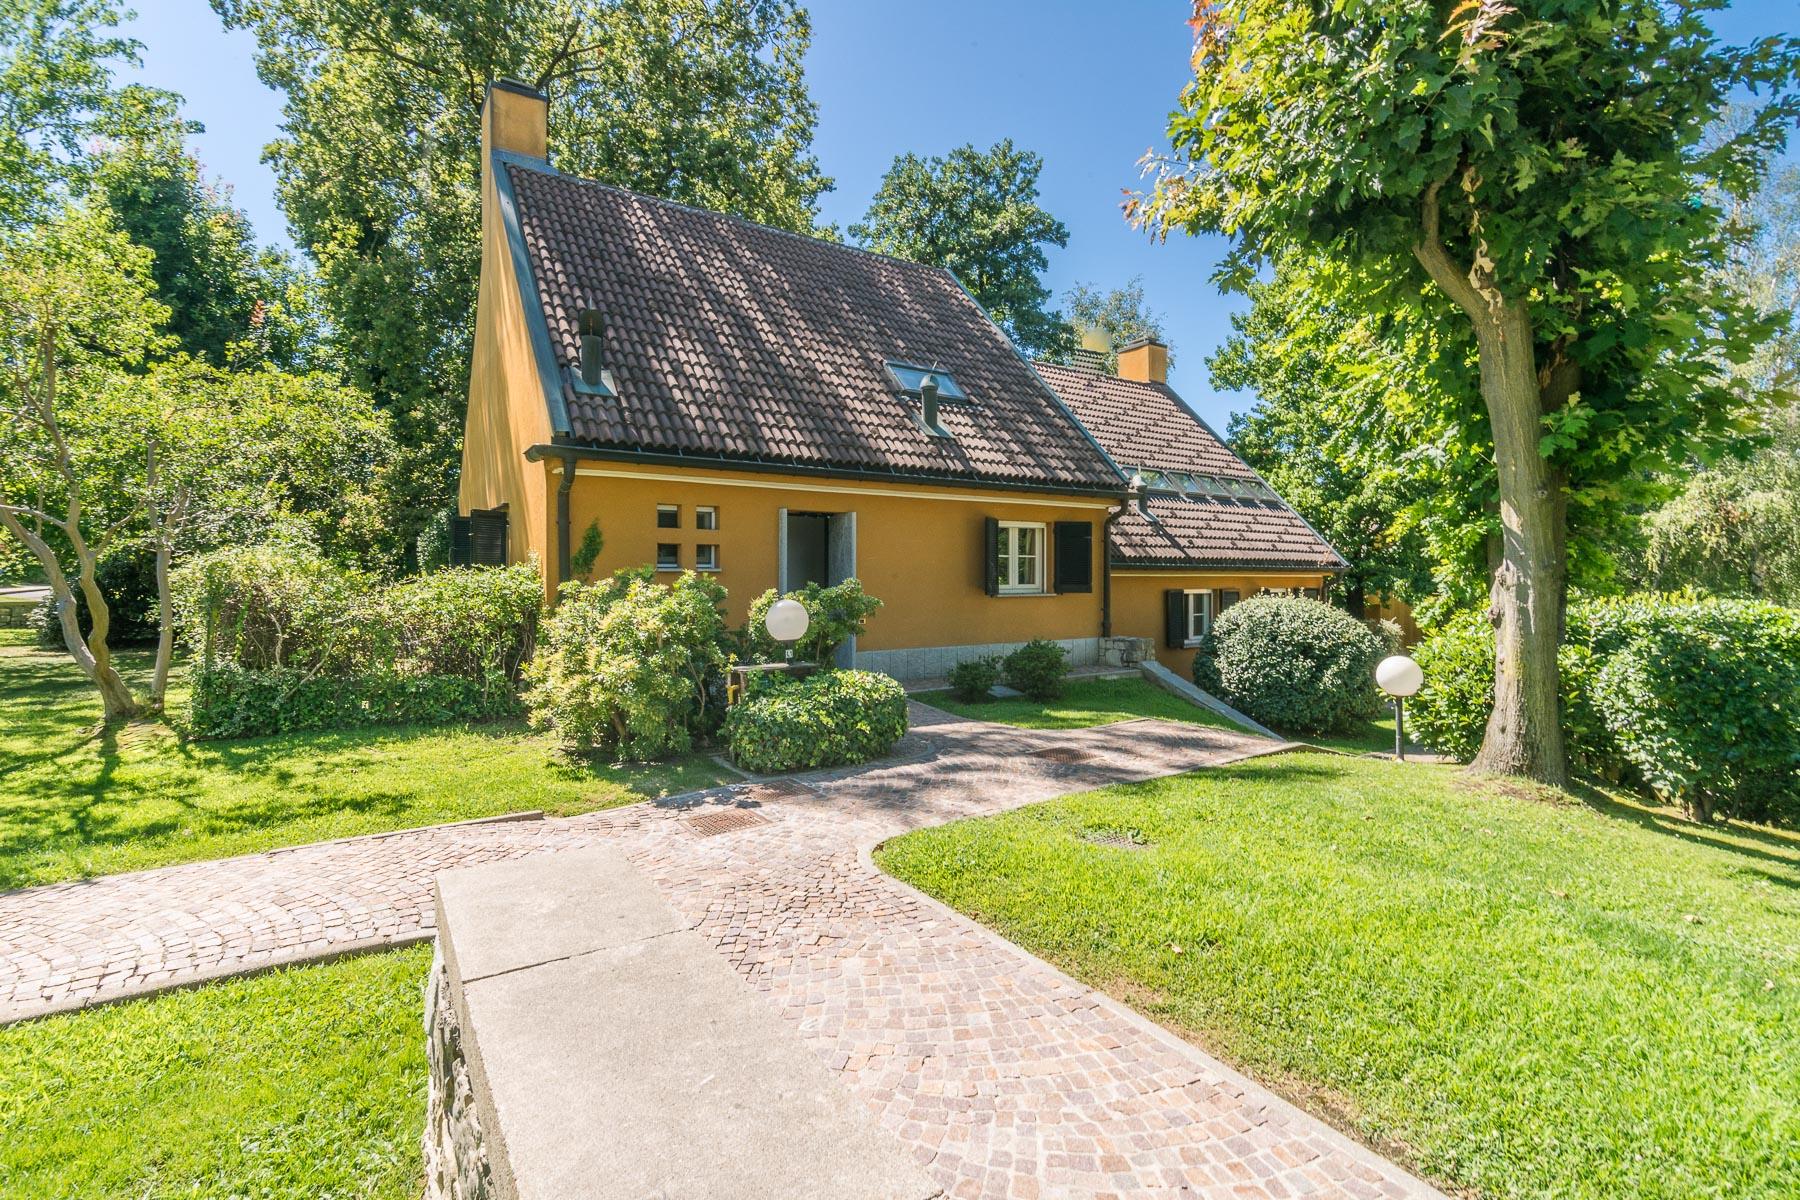 Villa in Vendita a Agrate Conturbia: 5 locali, 324 mq - Foto 4